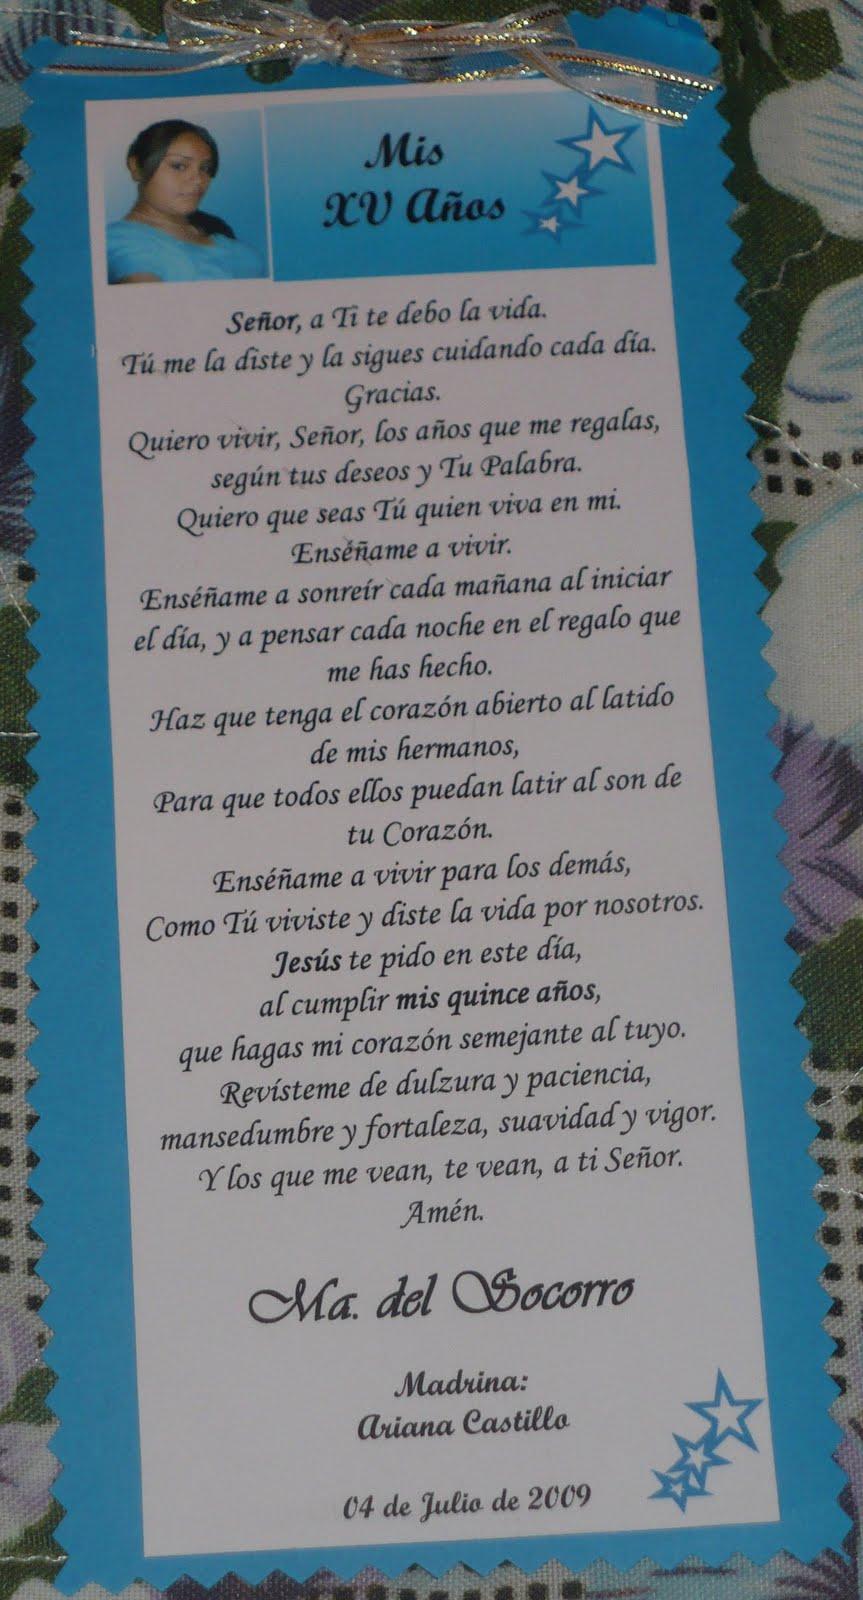 Oraciones para quince años - Imagui